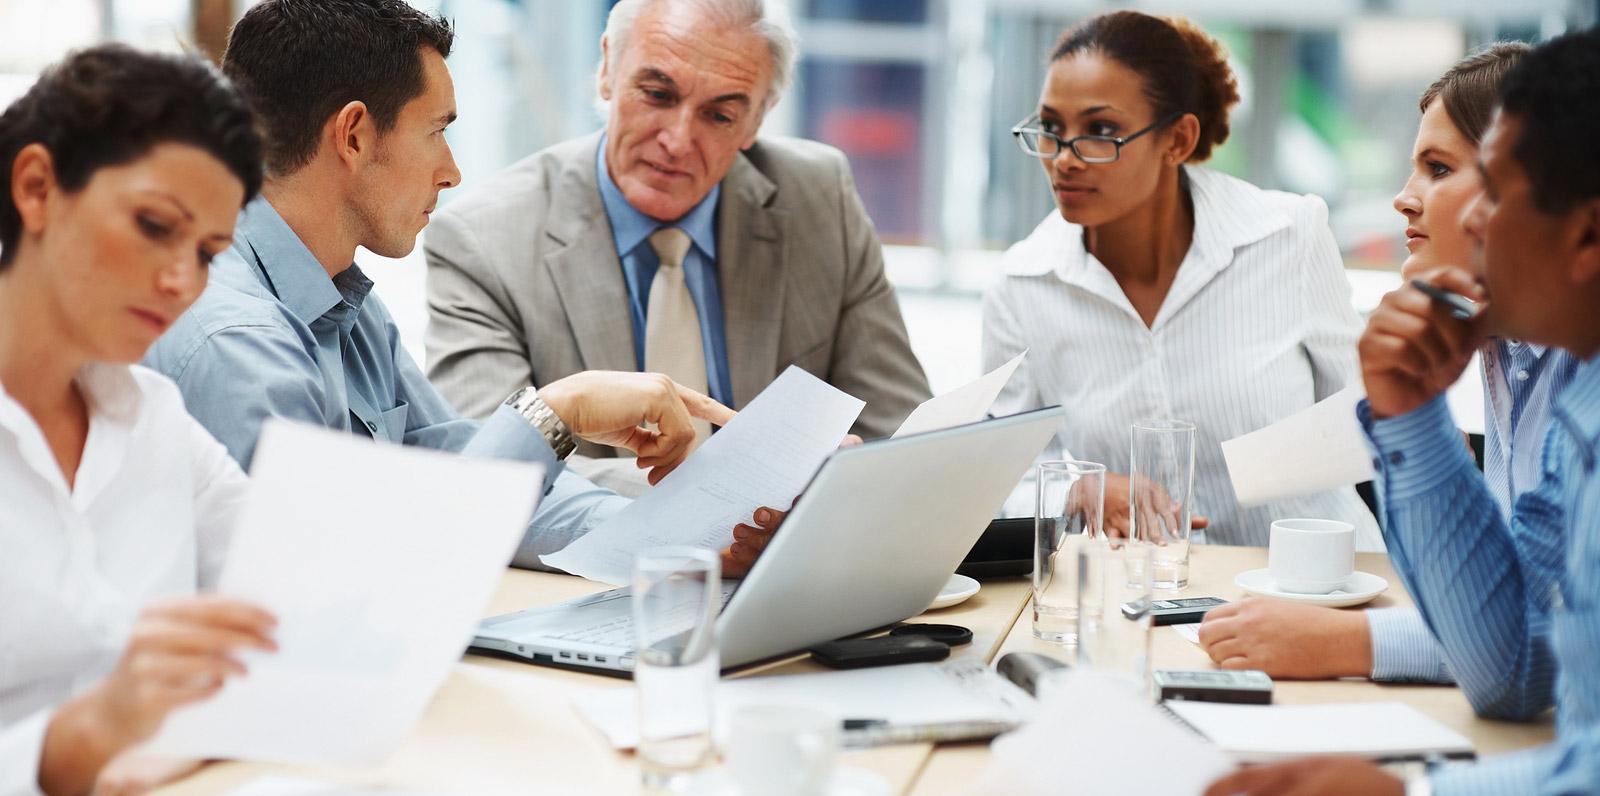 юридические бизнес консультации